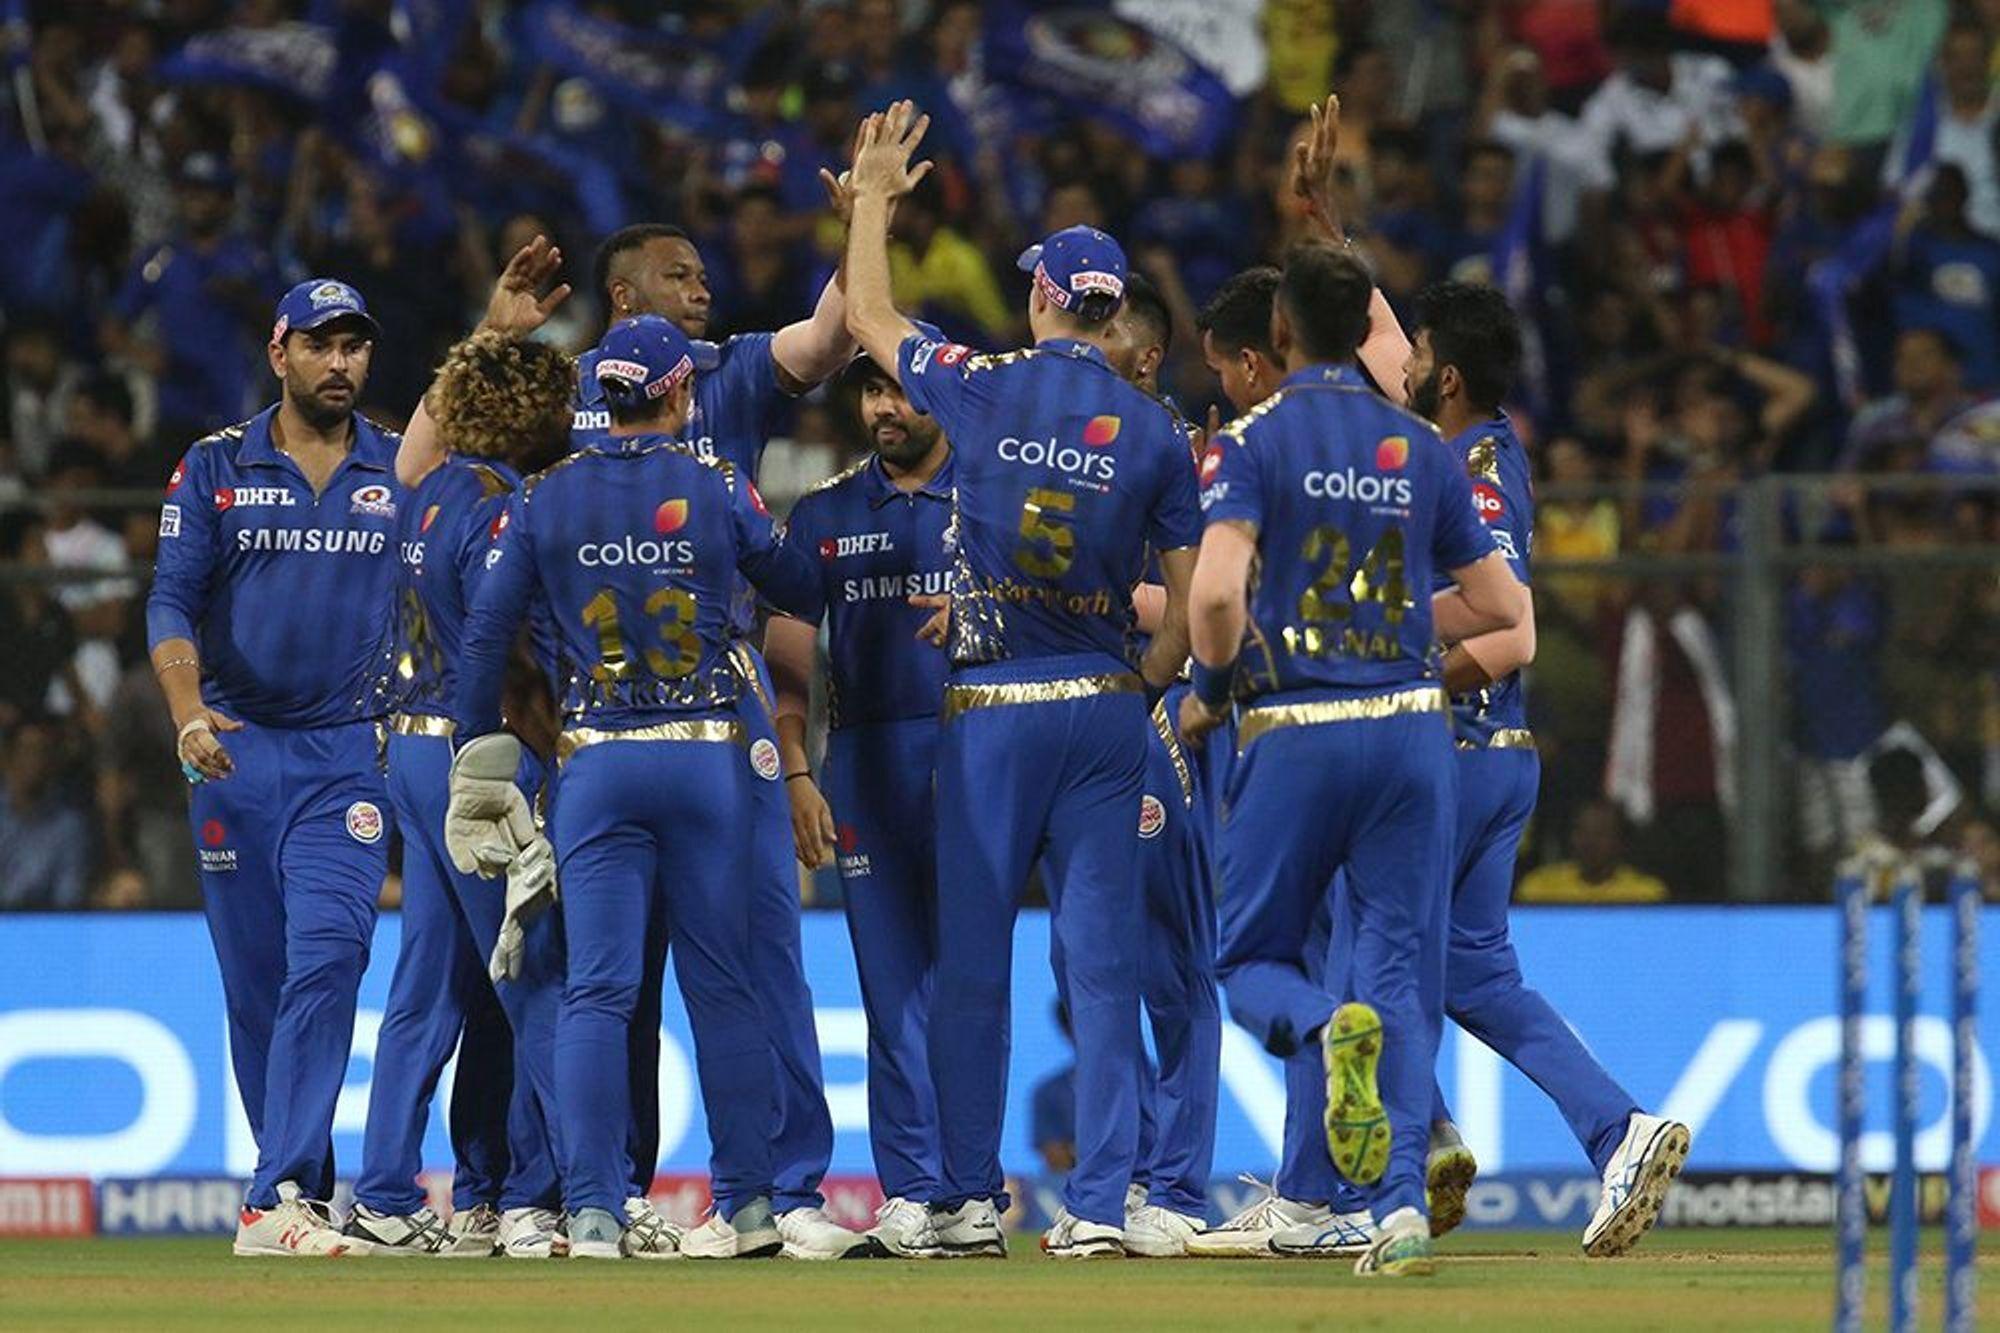 MIvsCSK: महेंद्र सिंह धोनी की एक छोटी सी गलती से चेन्नई सुपर किंग्स को मिली सीजन की पहली हार